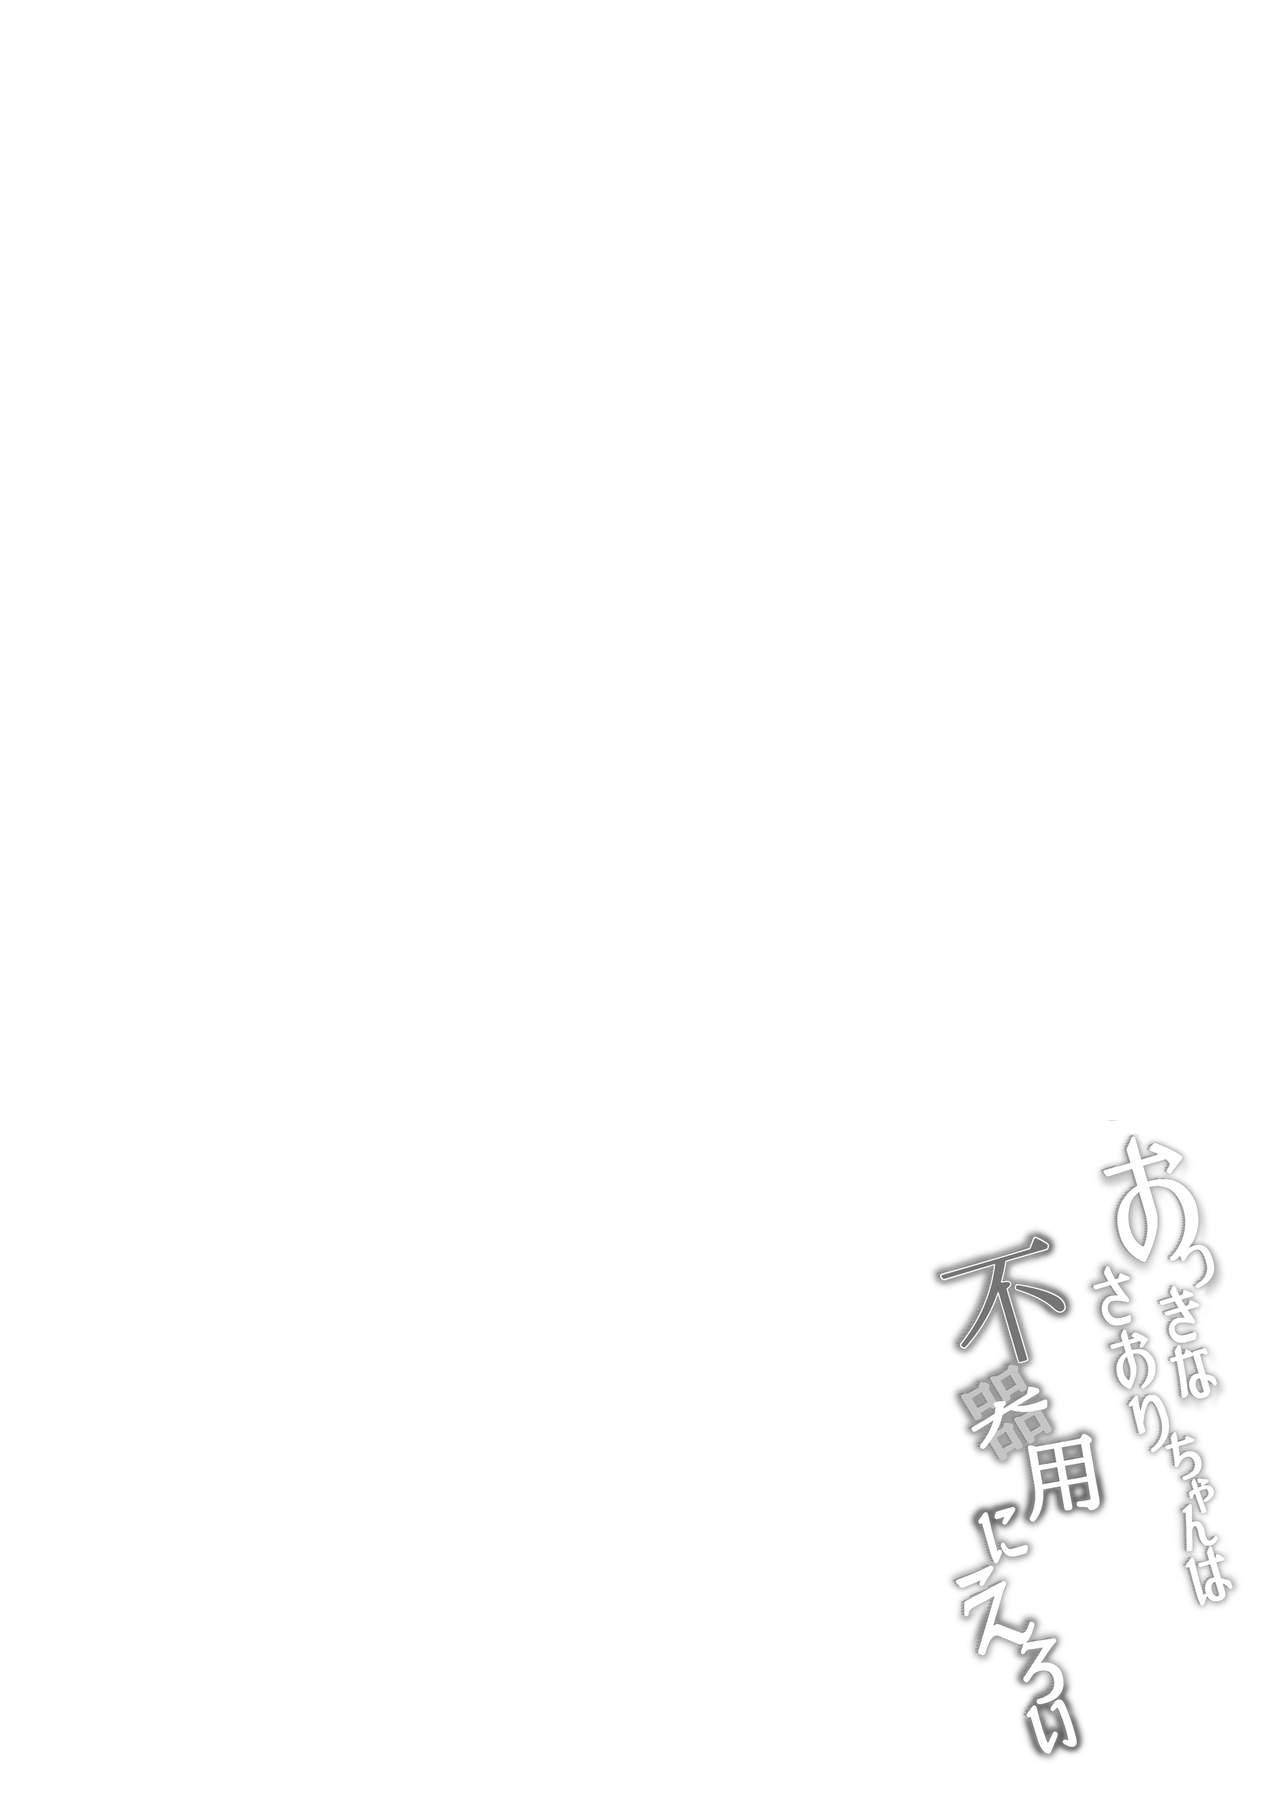 Okki na Saori-chan wa Bukiyou ni Eroi 3